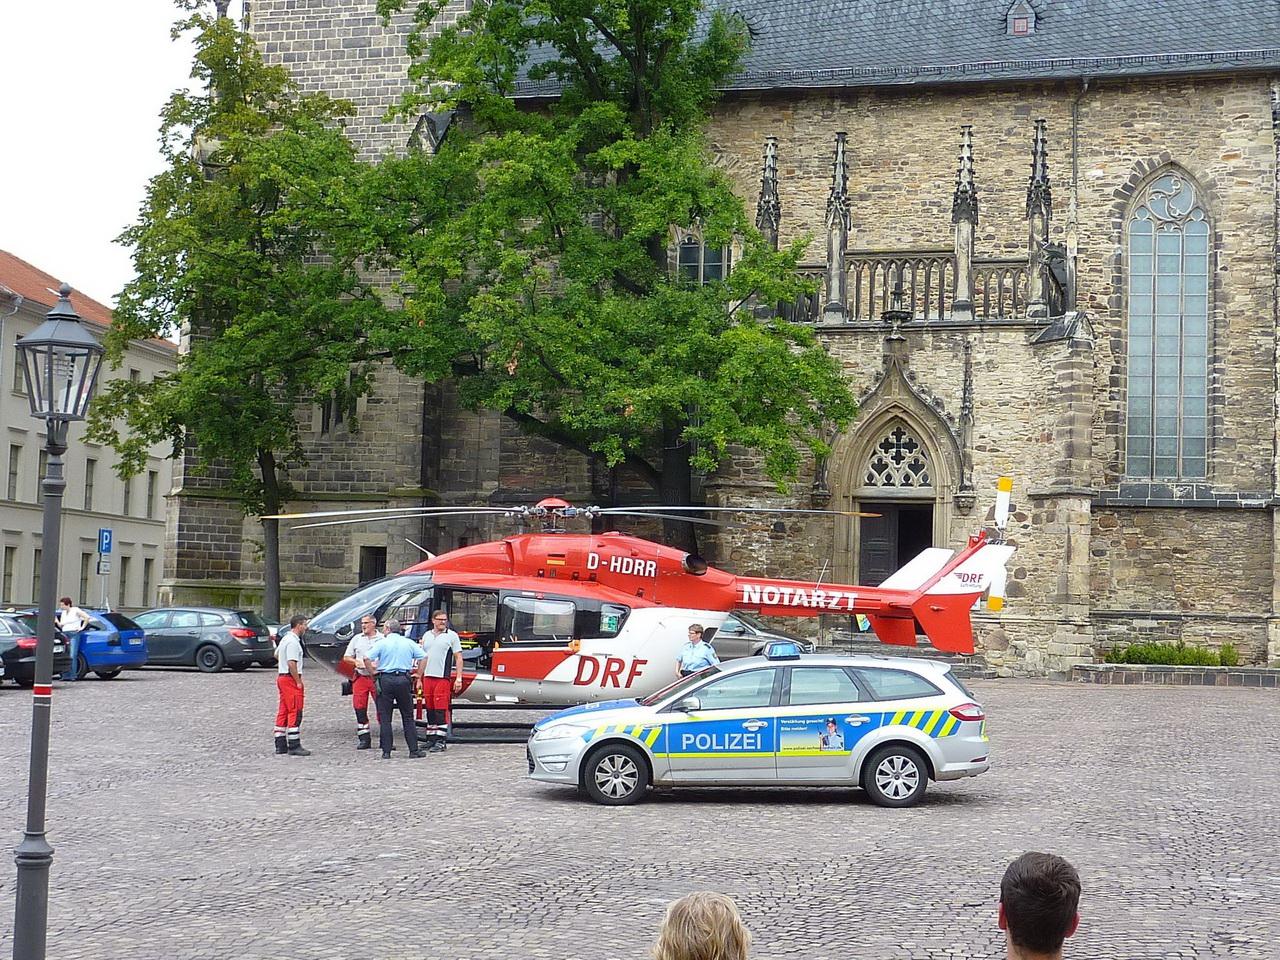 Rettungshubschrauber-auf-dem-Markt-in-Köthen-2014-08-2